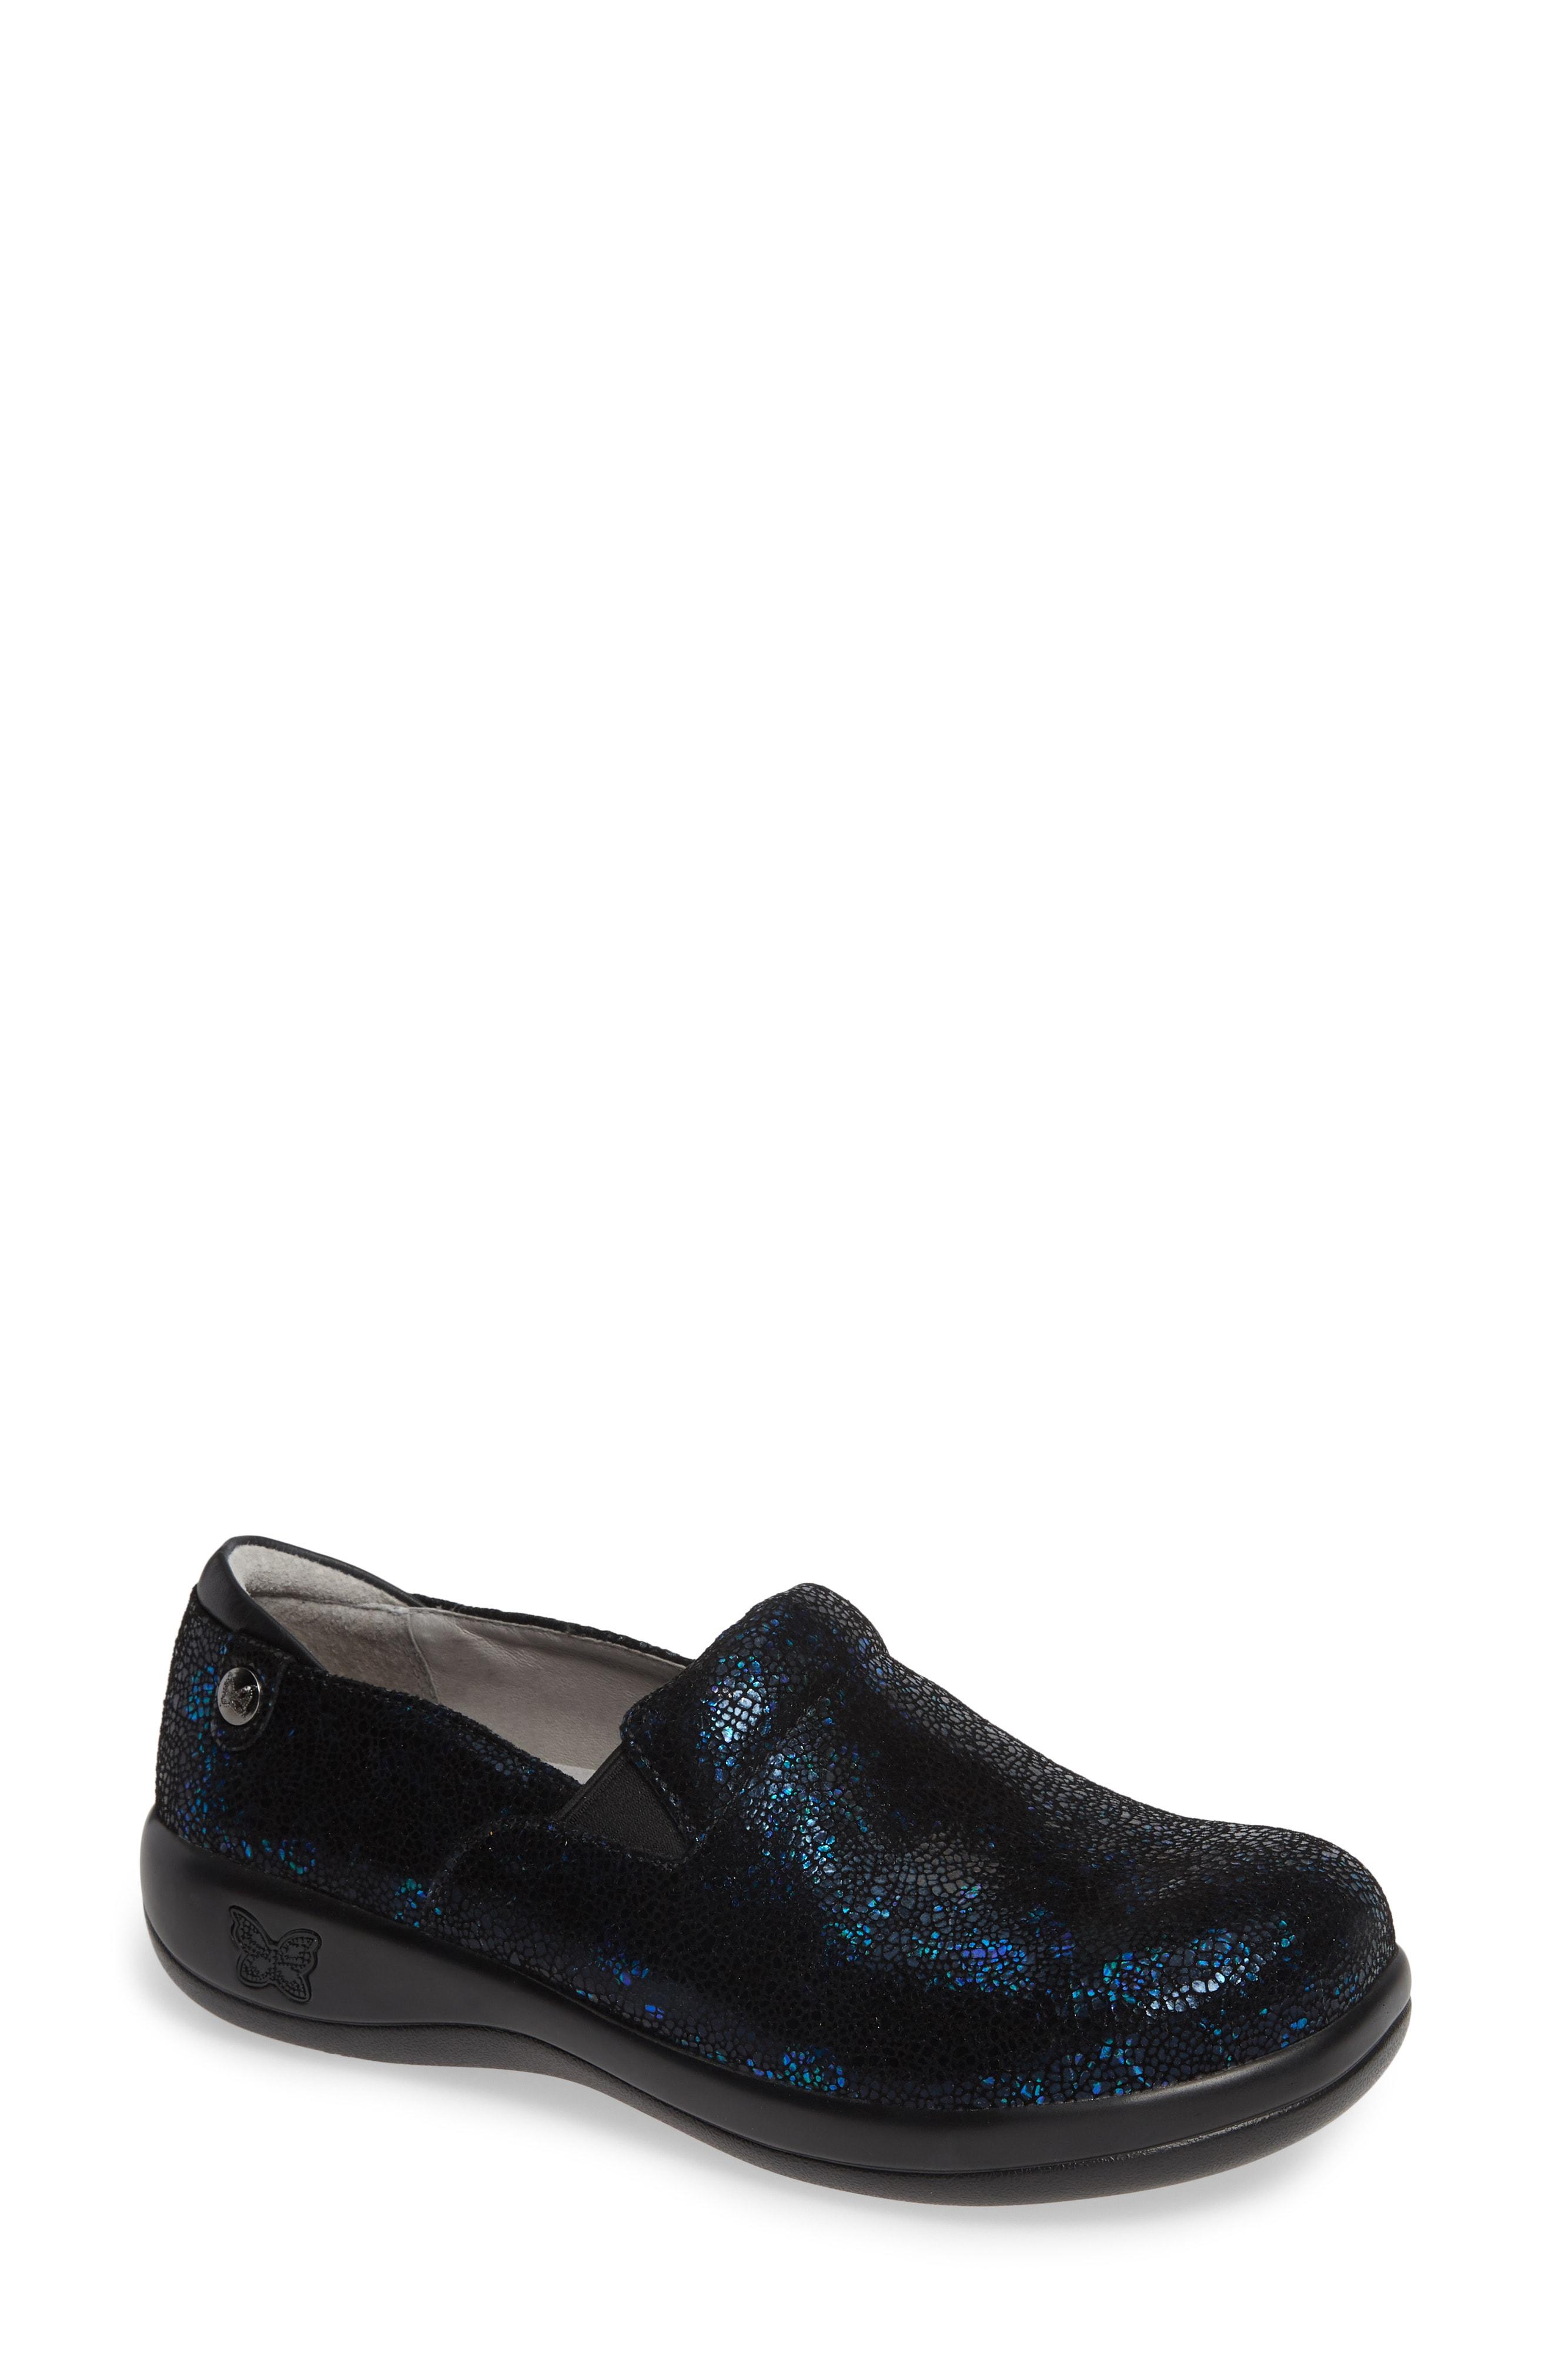 Alegria Shoes & Sandals | Nordstrom